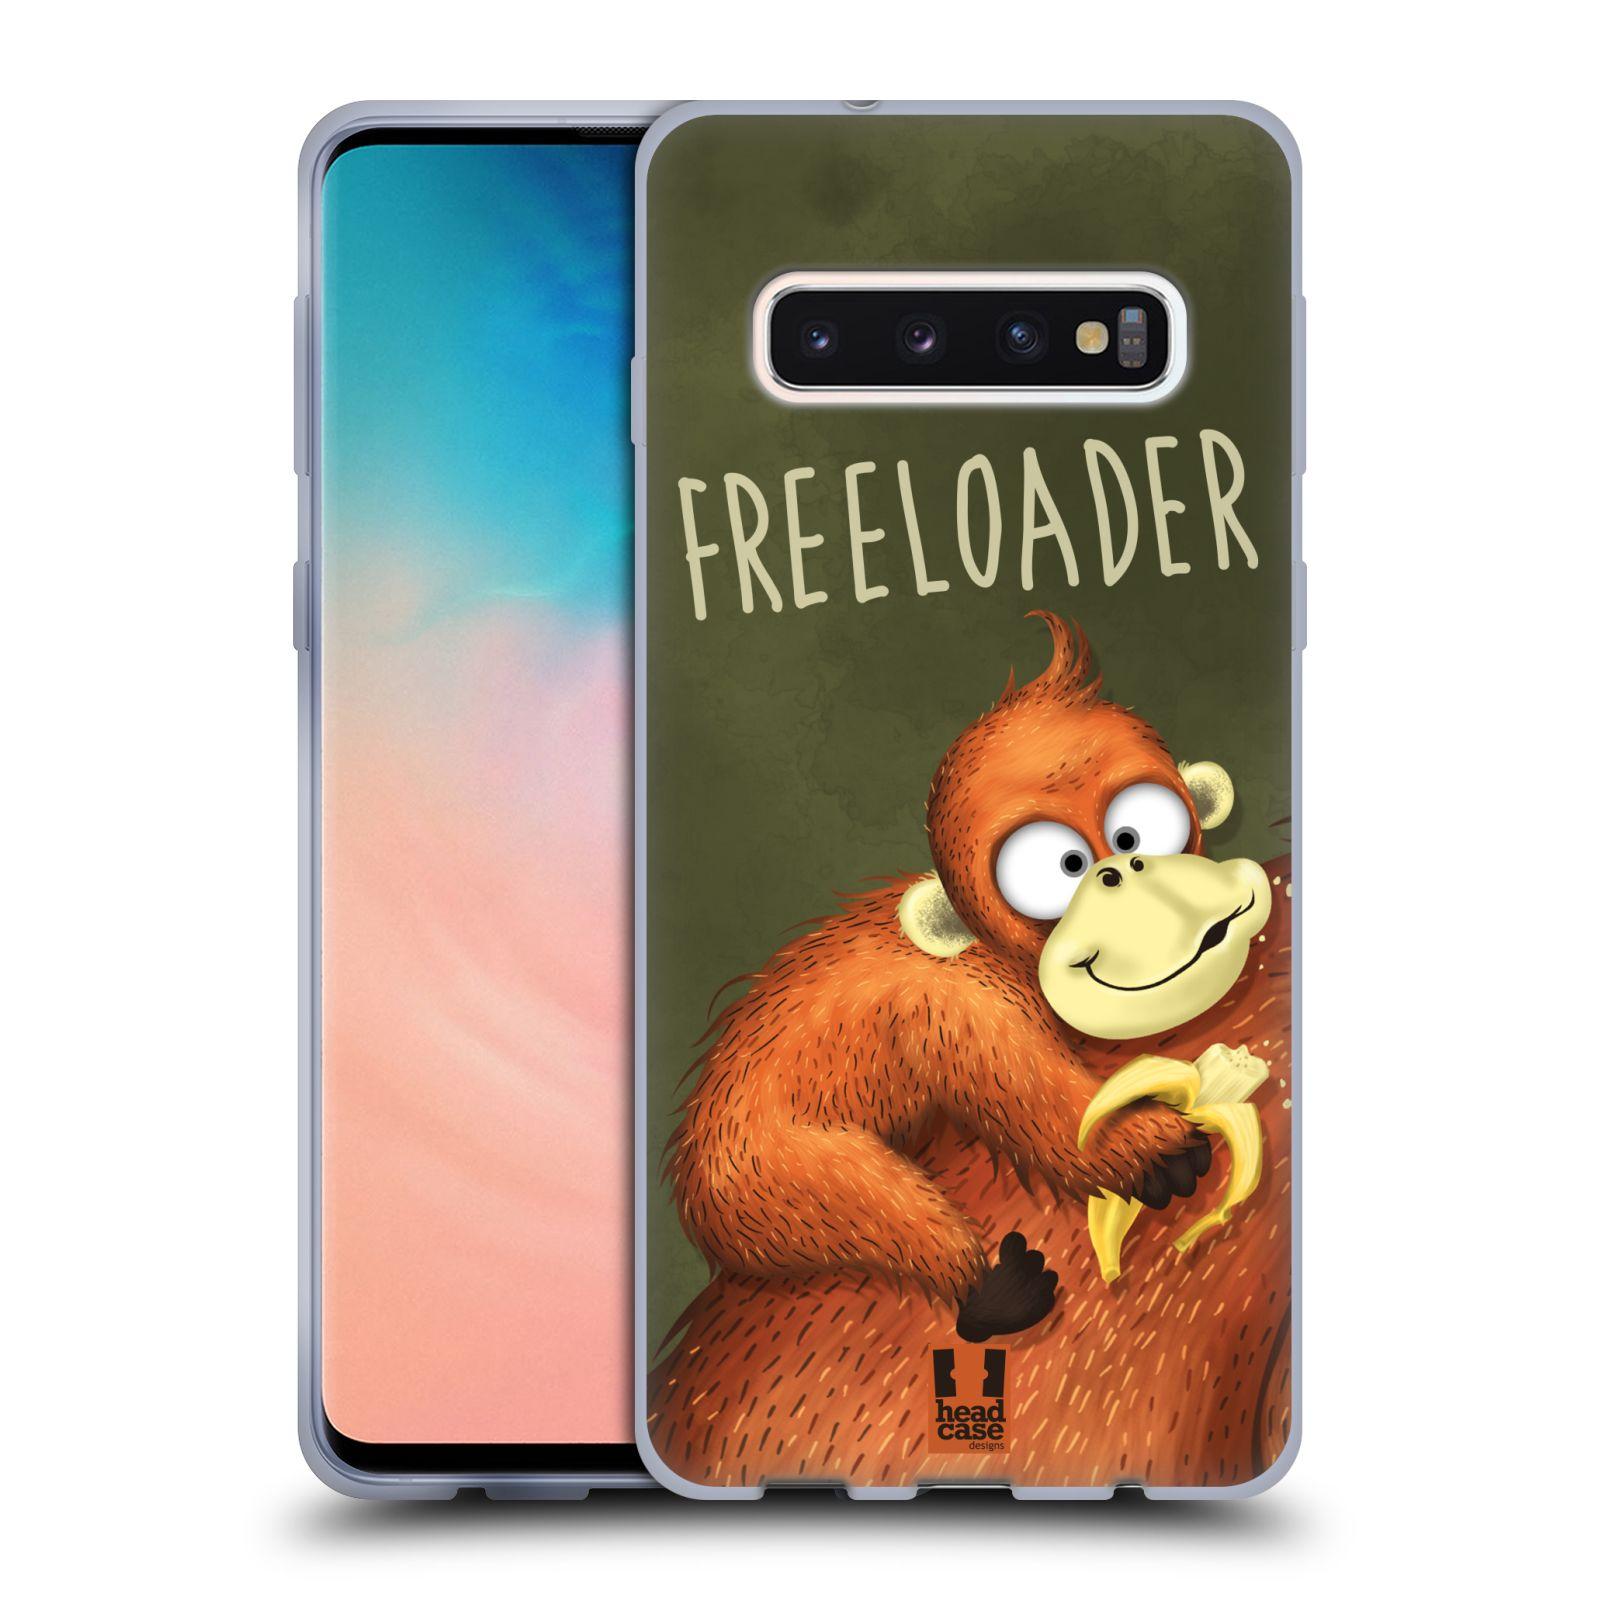 Silikonové pouzdro na mobil Samsung Galaxy S10 - Head Case - Opičák Freeloader